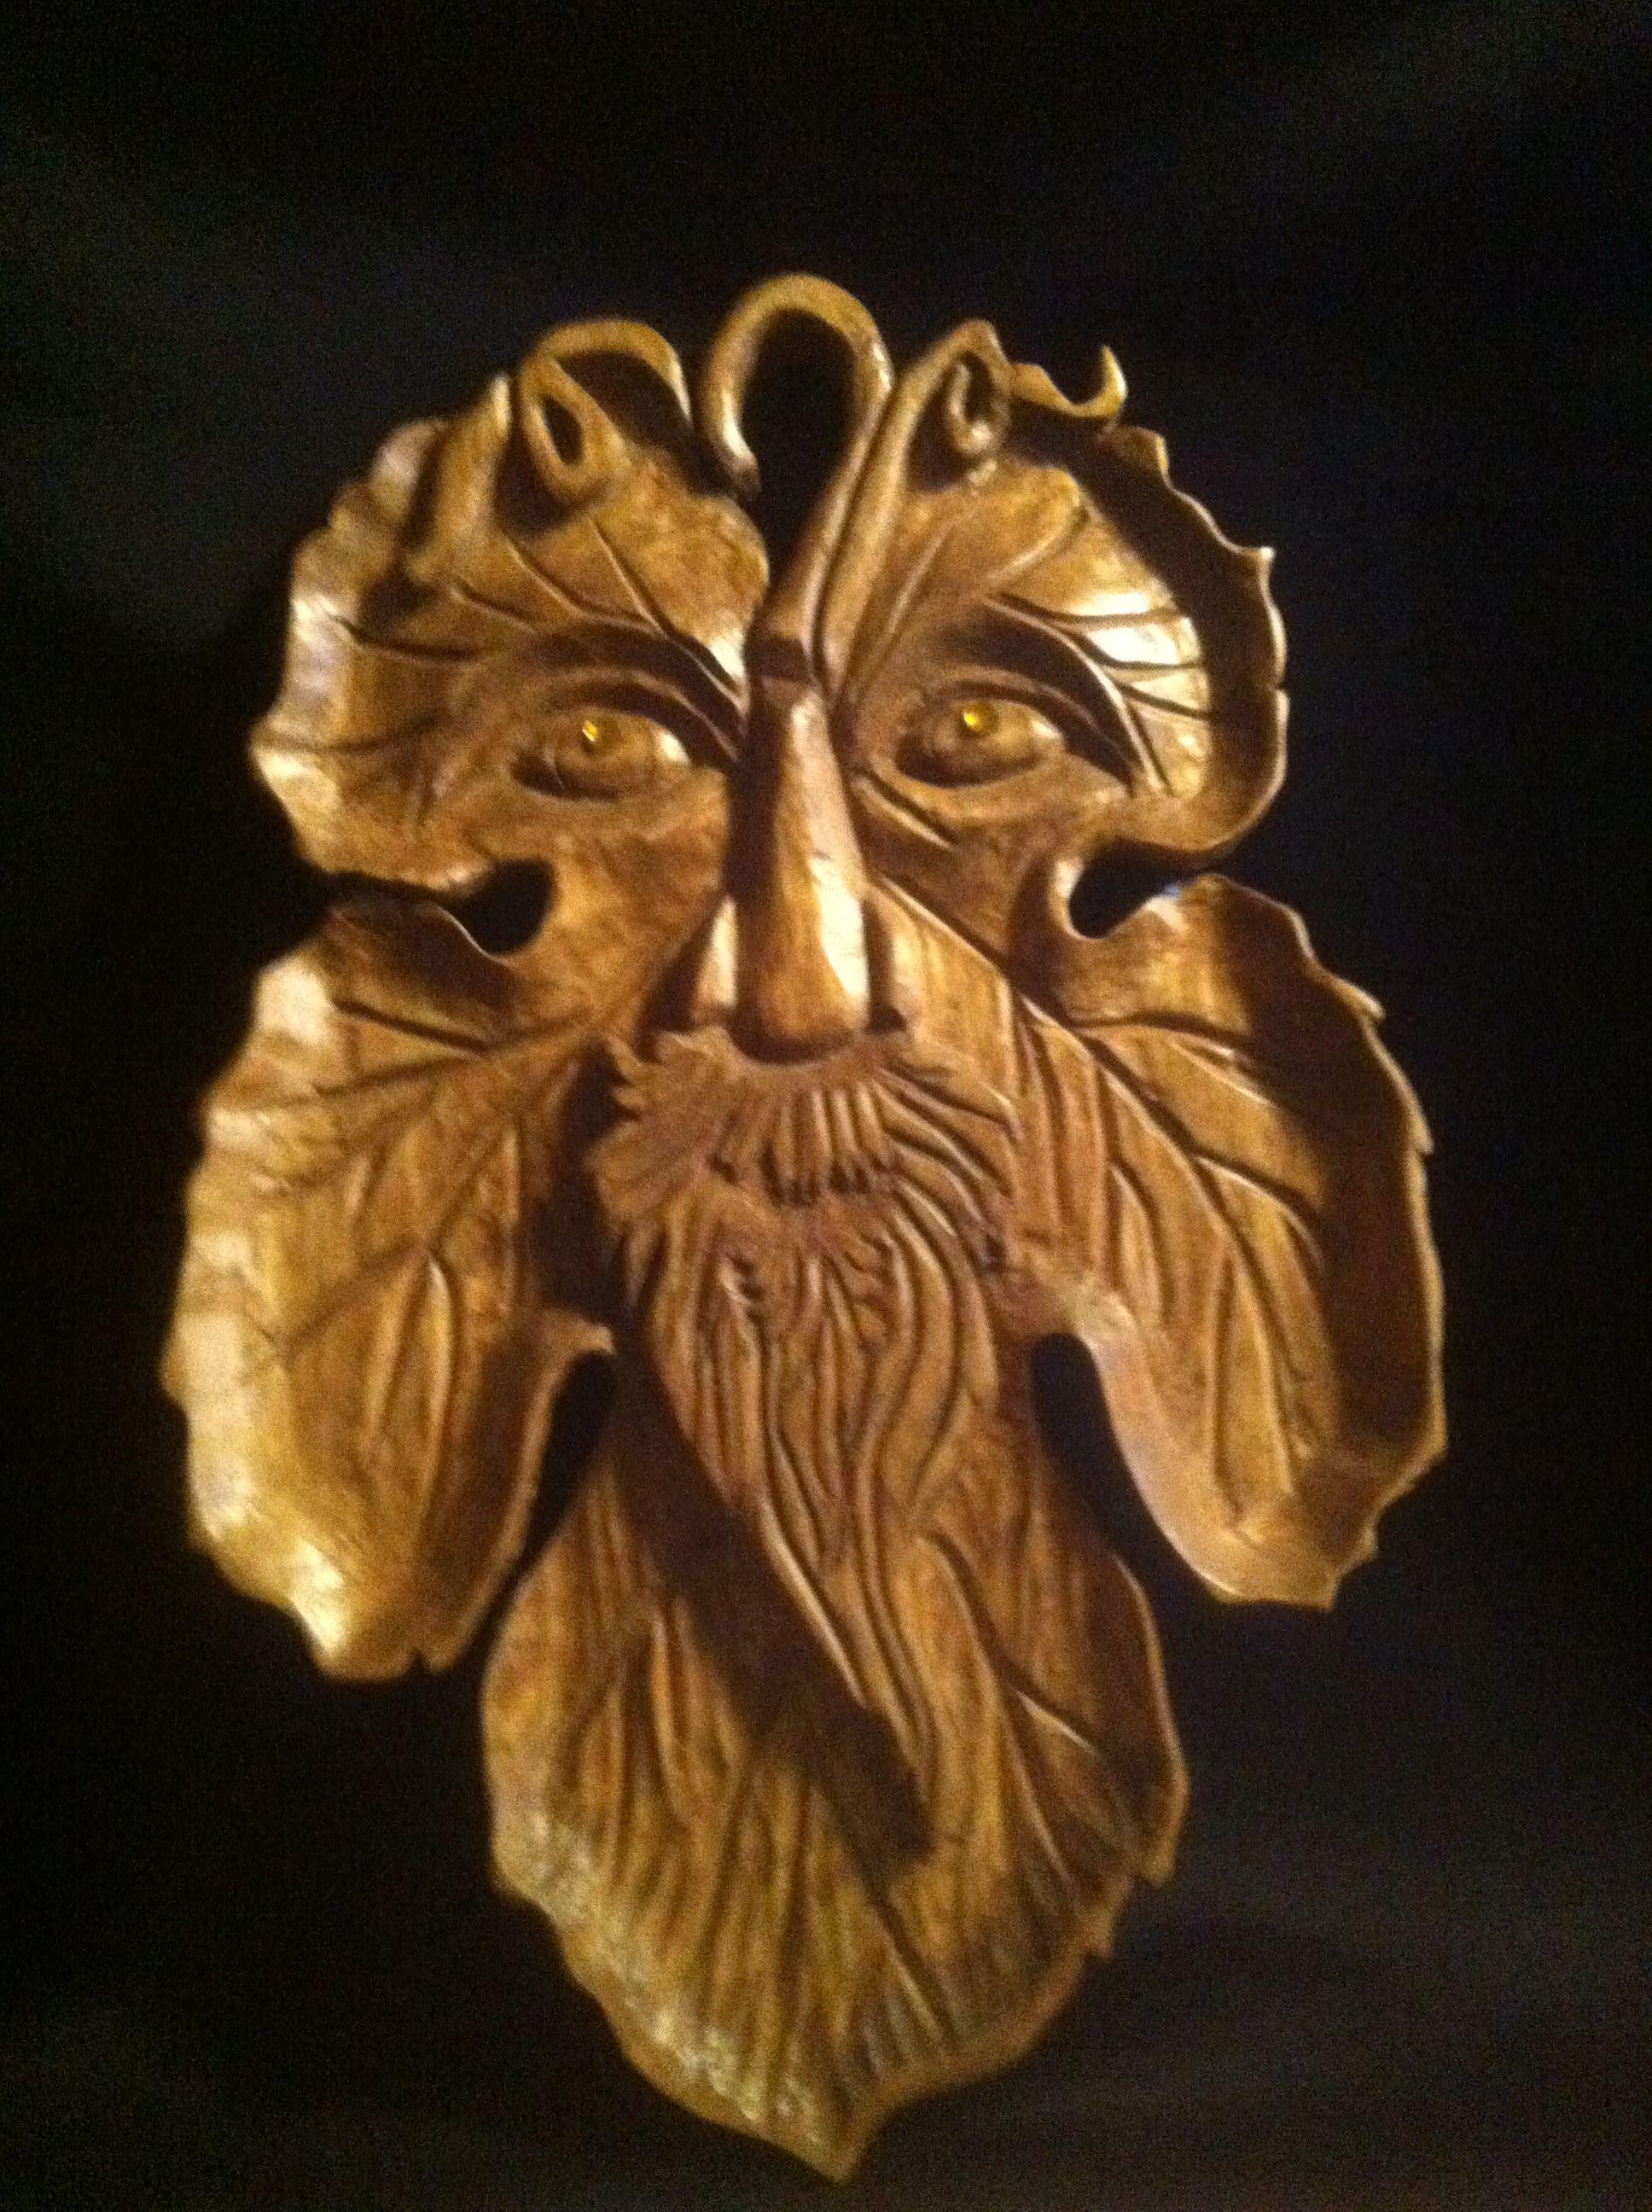 сие диво картинки резьба по дереву маски времен магия ланос работающим